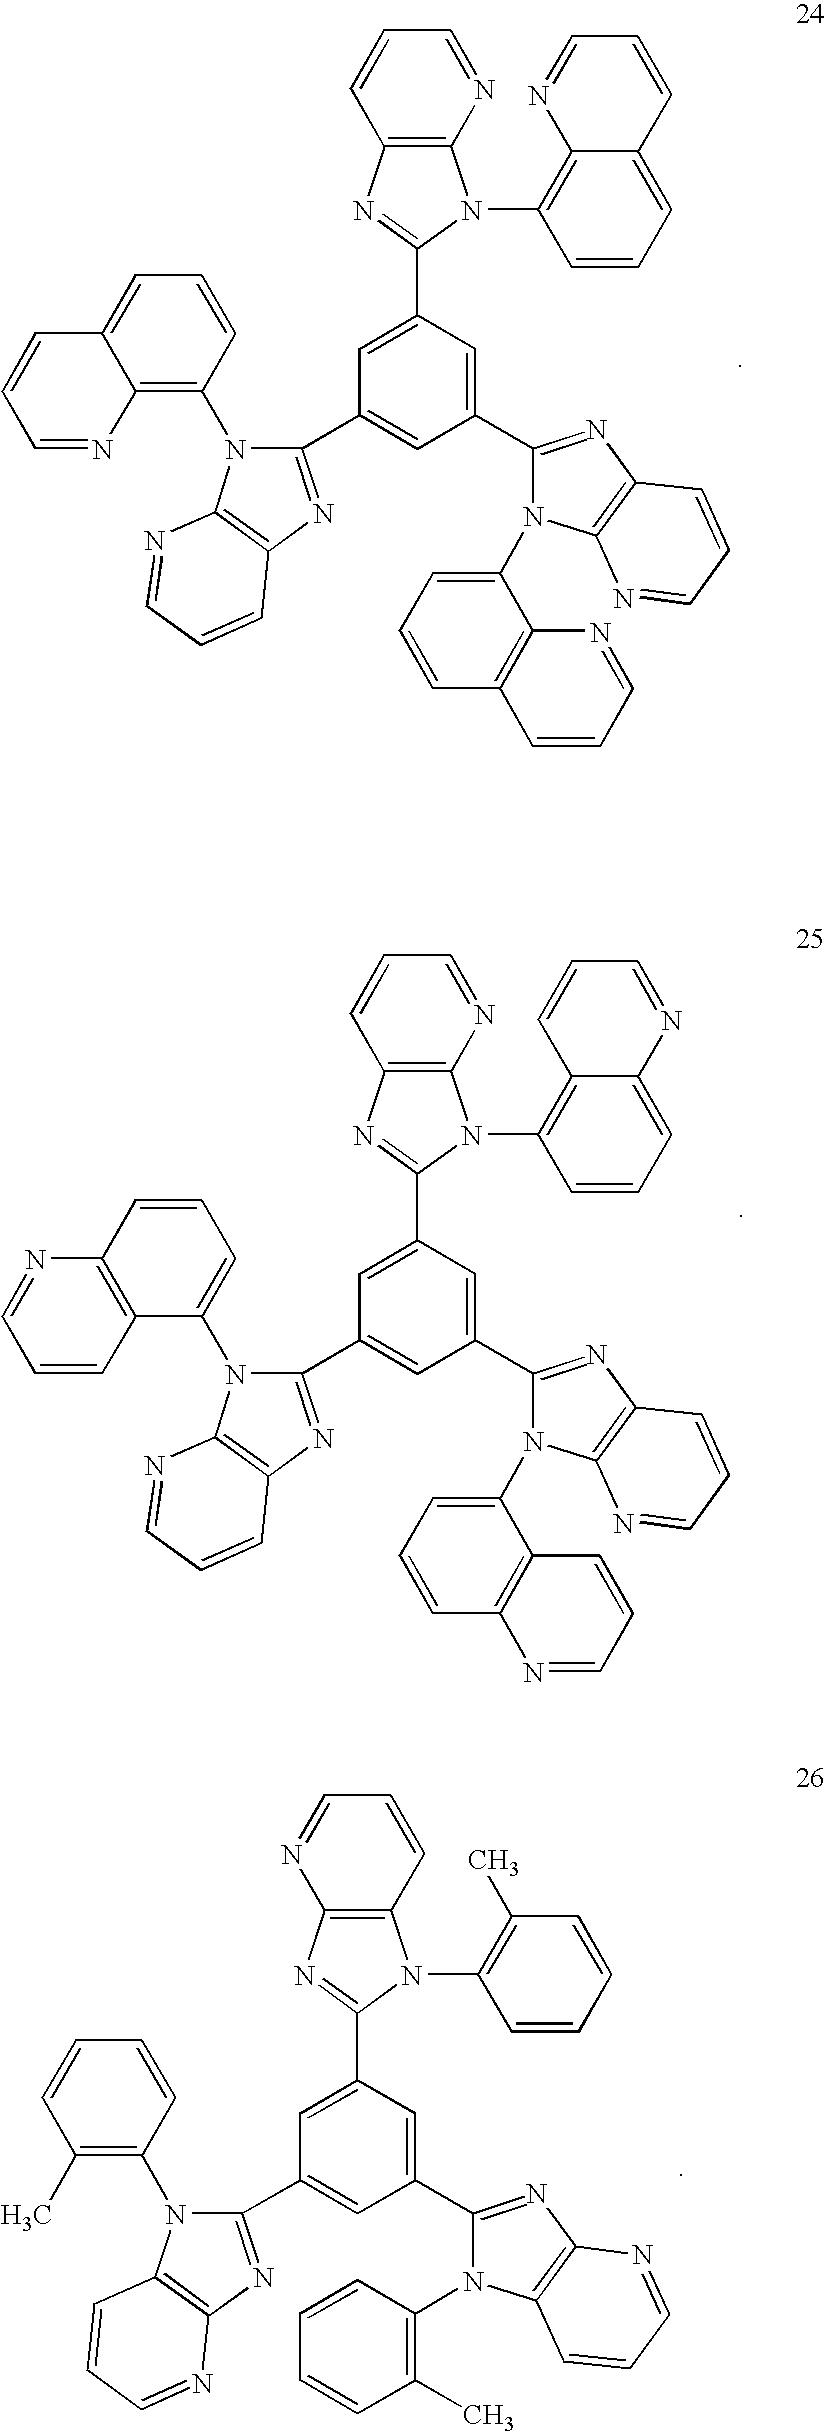 Figure US20060044561A1-20060302-C00010